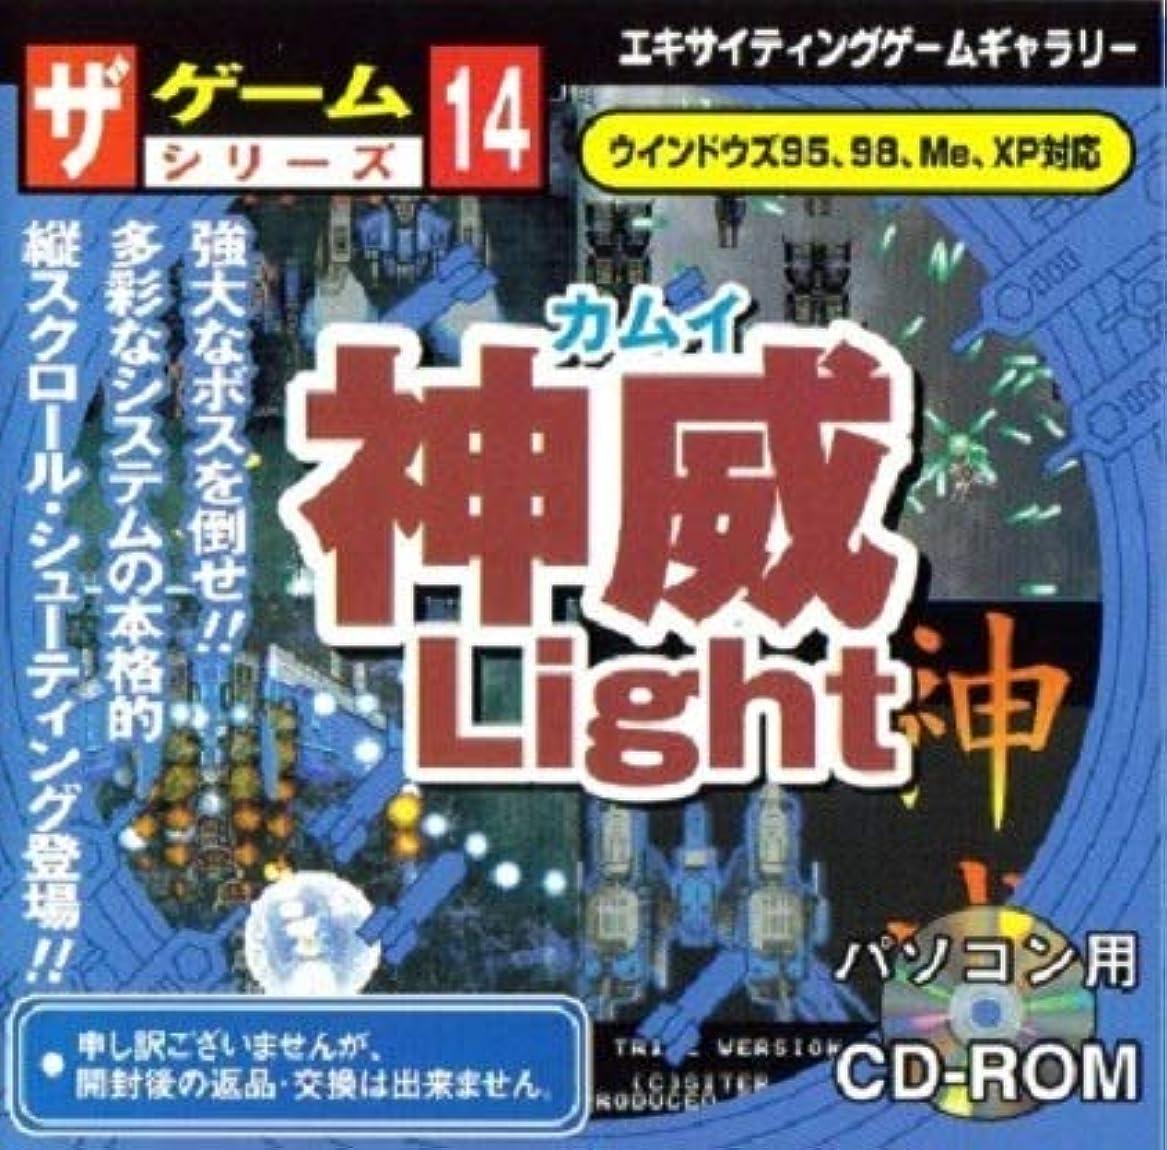 ラフレシアアルノルディ控えめなのホスト神威Light